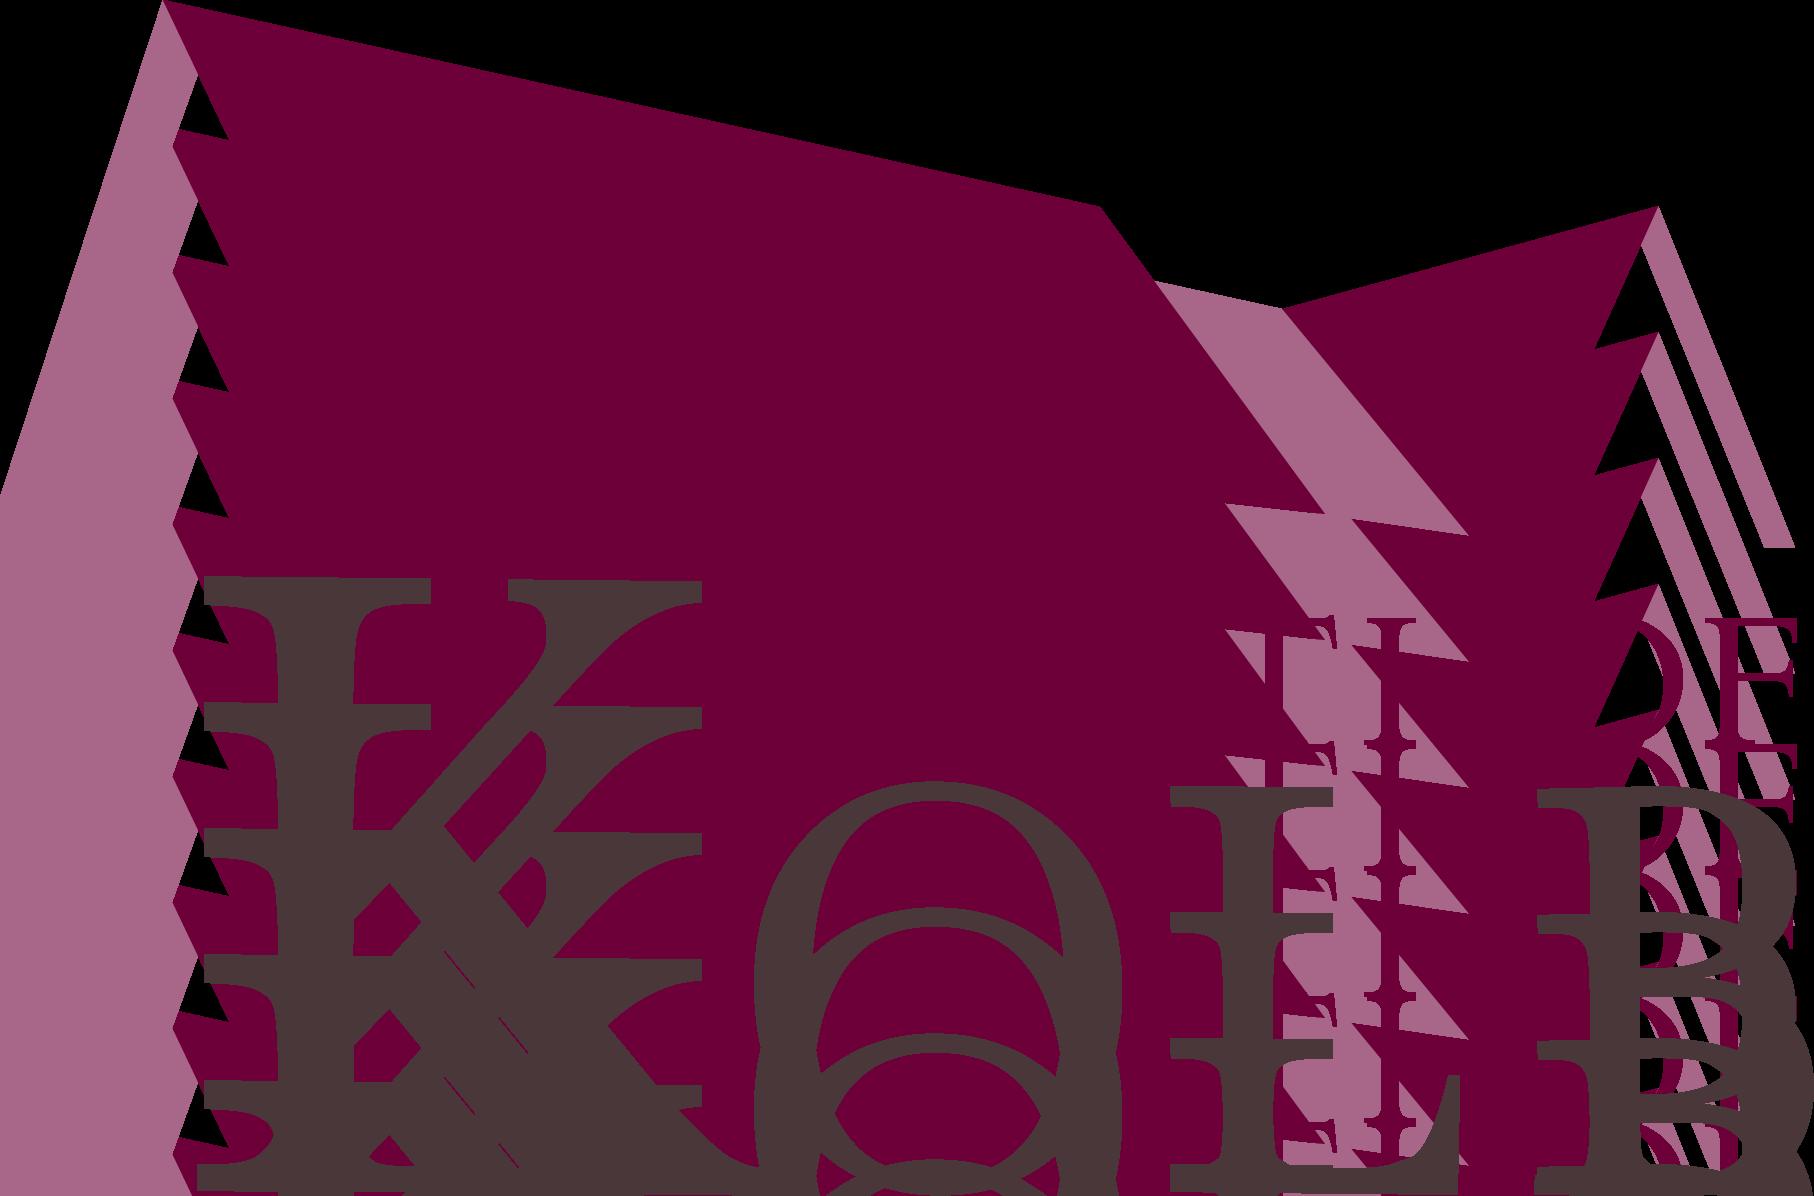 Gasthof Kolb in Bayreuth